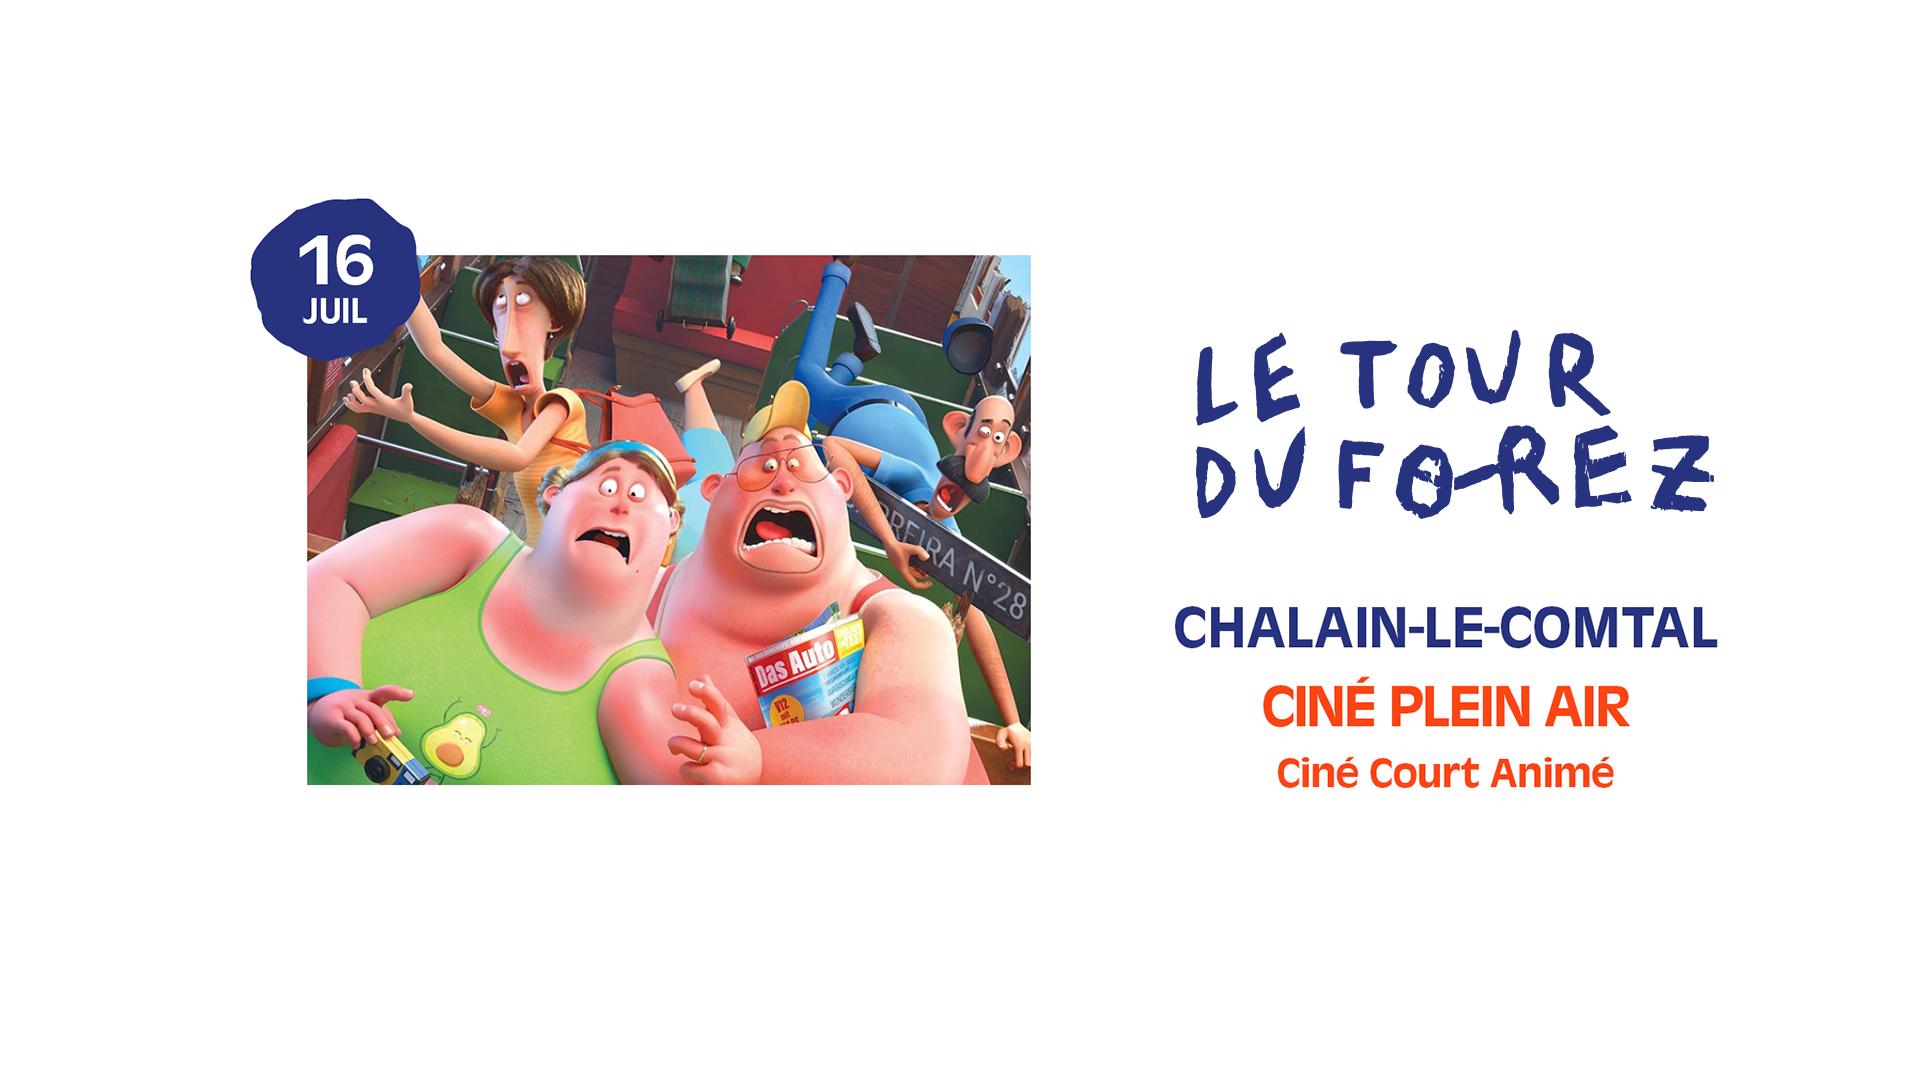 Cinéma plein air #2